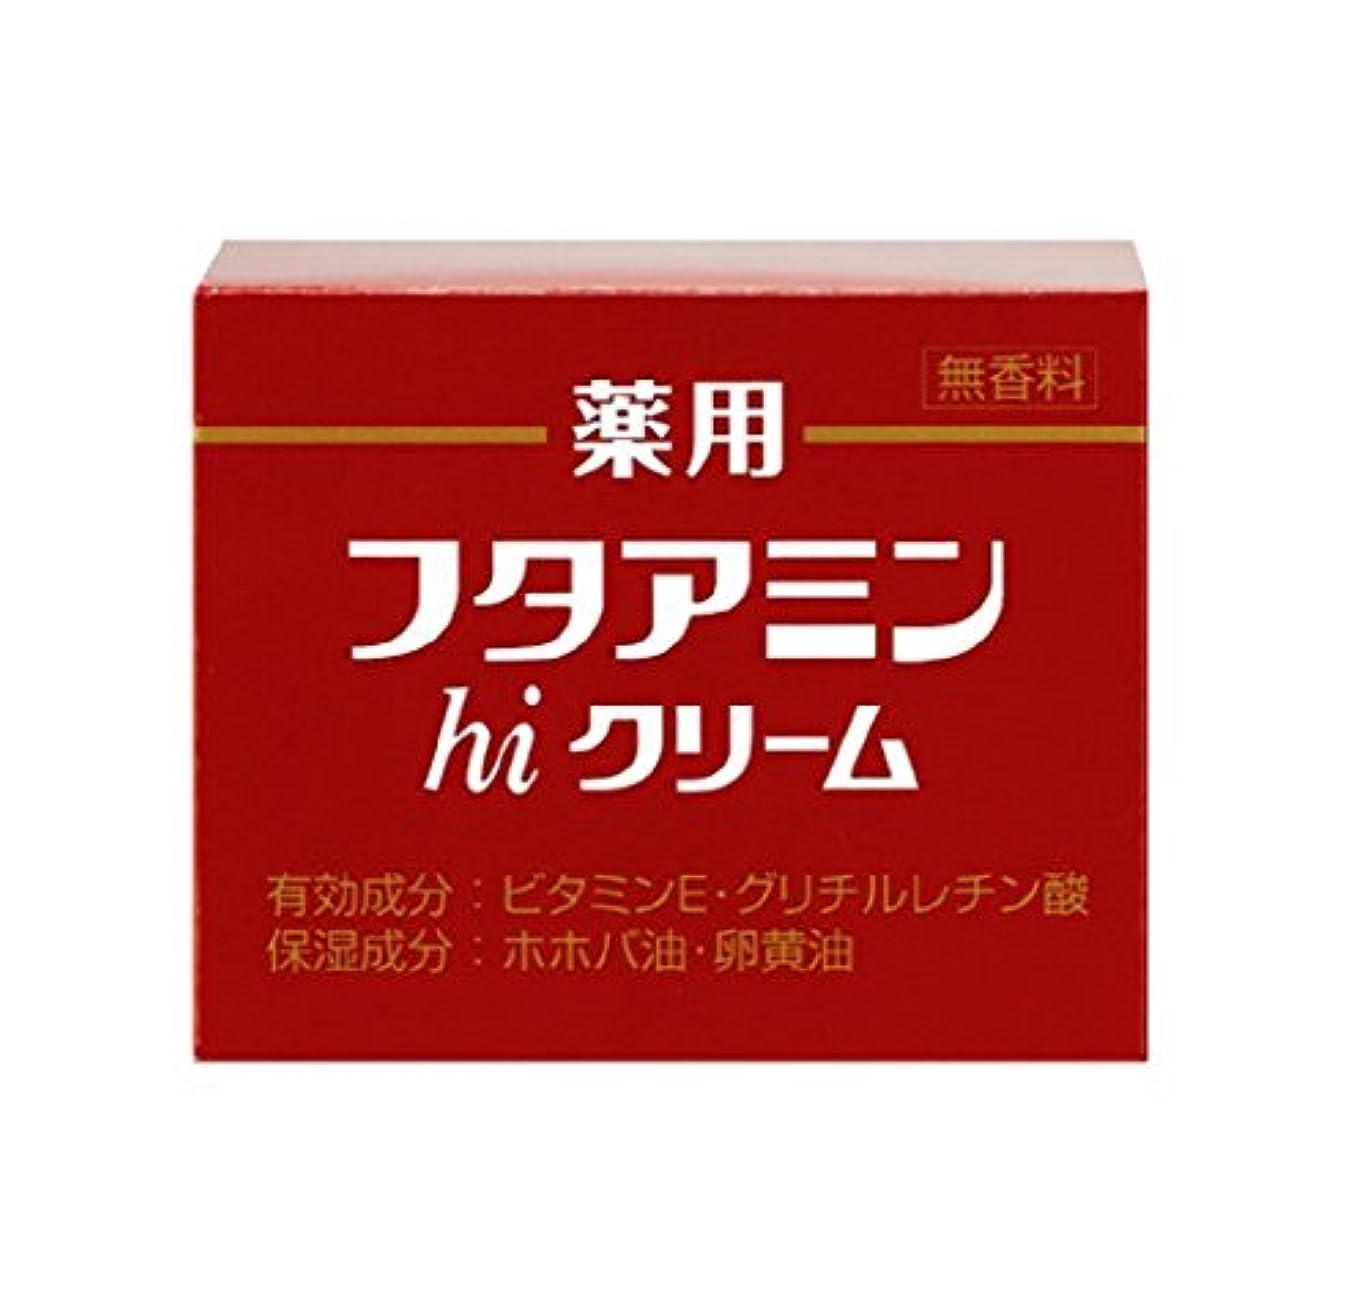 ムスタチオハント見つけた薬用フタアミンhiクリーム 130g